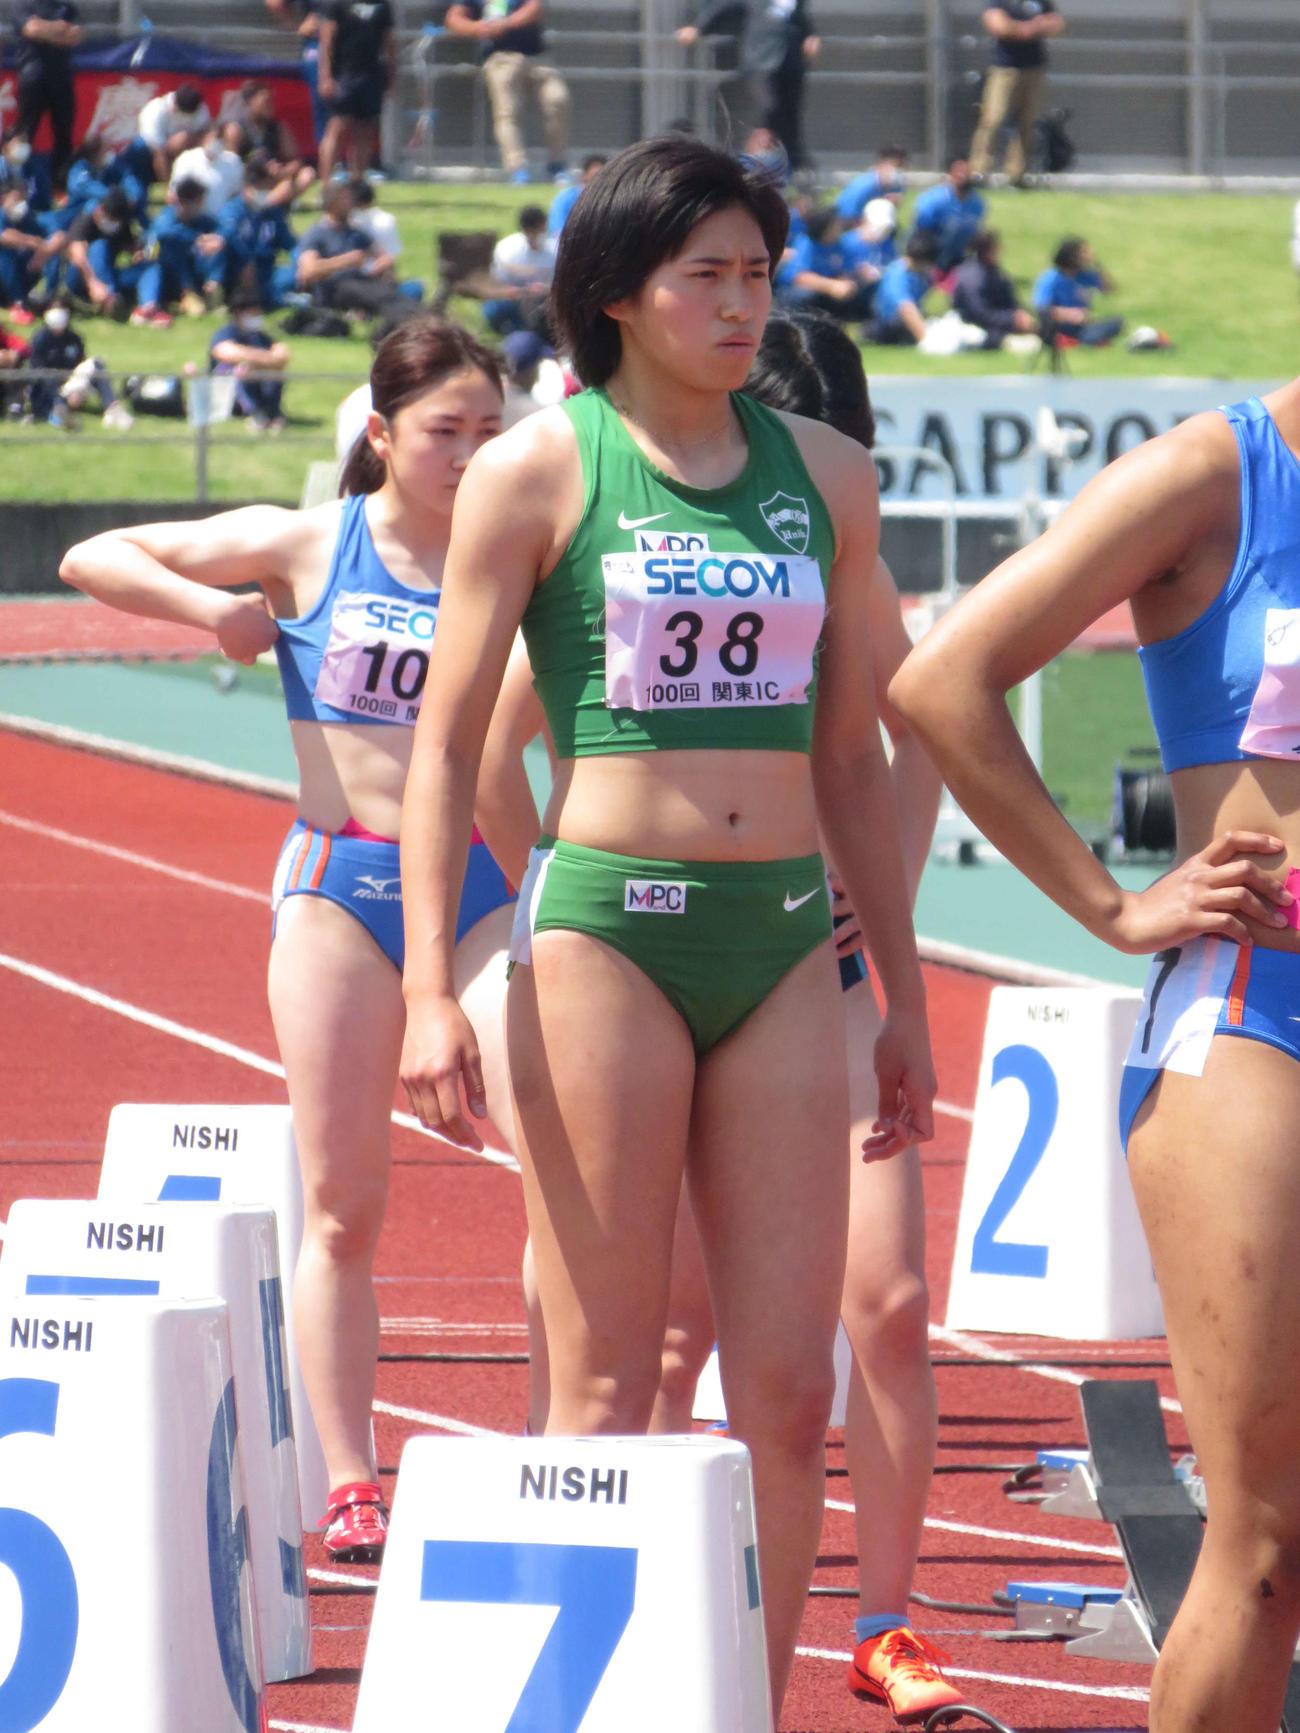 関東学生対校選手権の女子1部200メートル決勝でスタートラインに立つ青学大・石川(撮影・上田悠太)